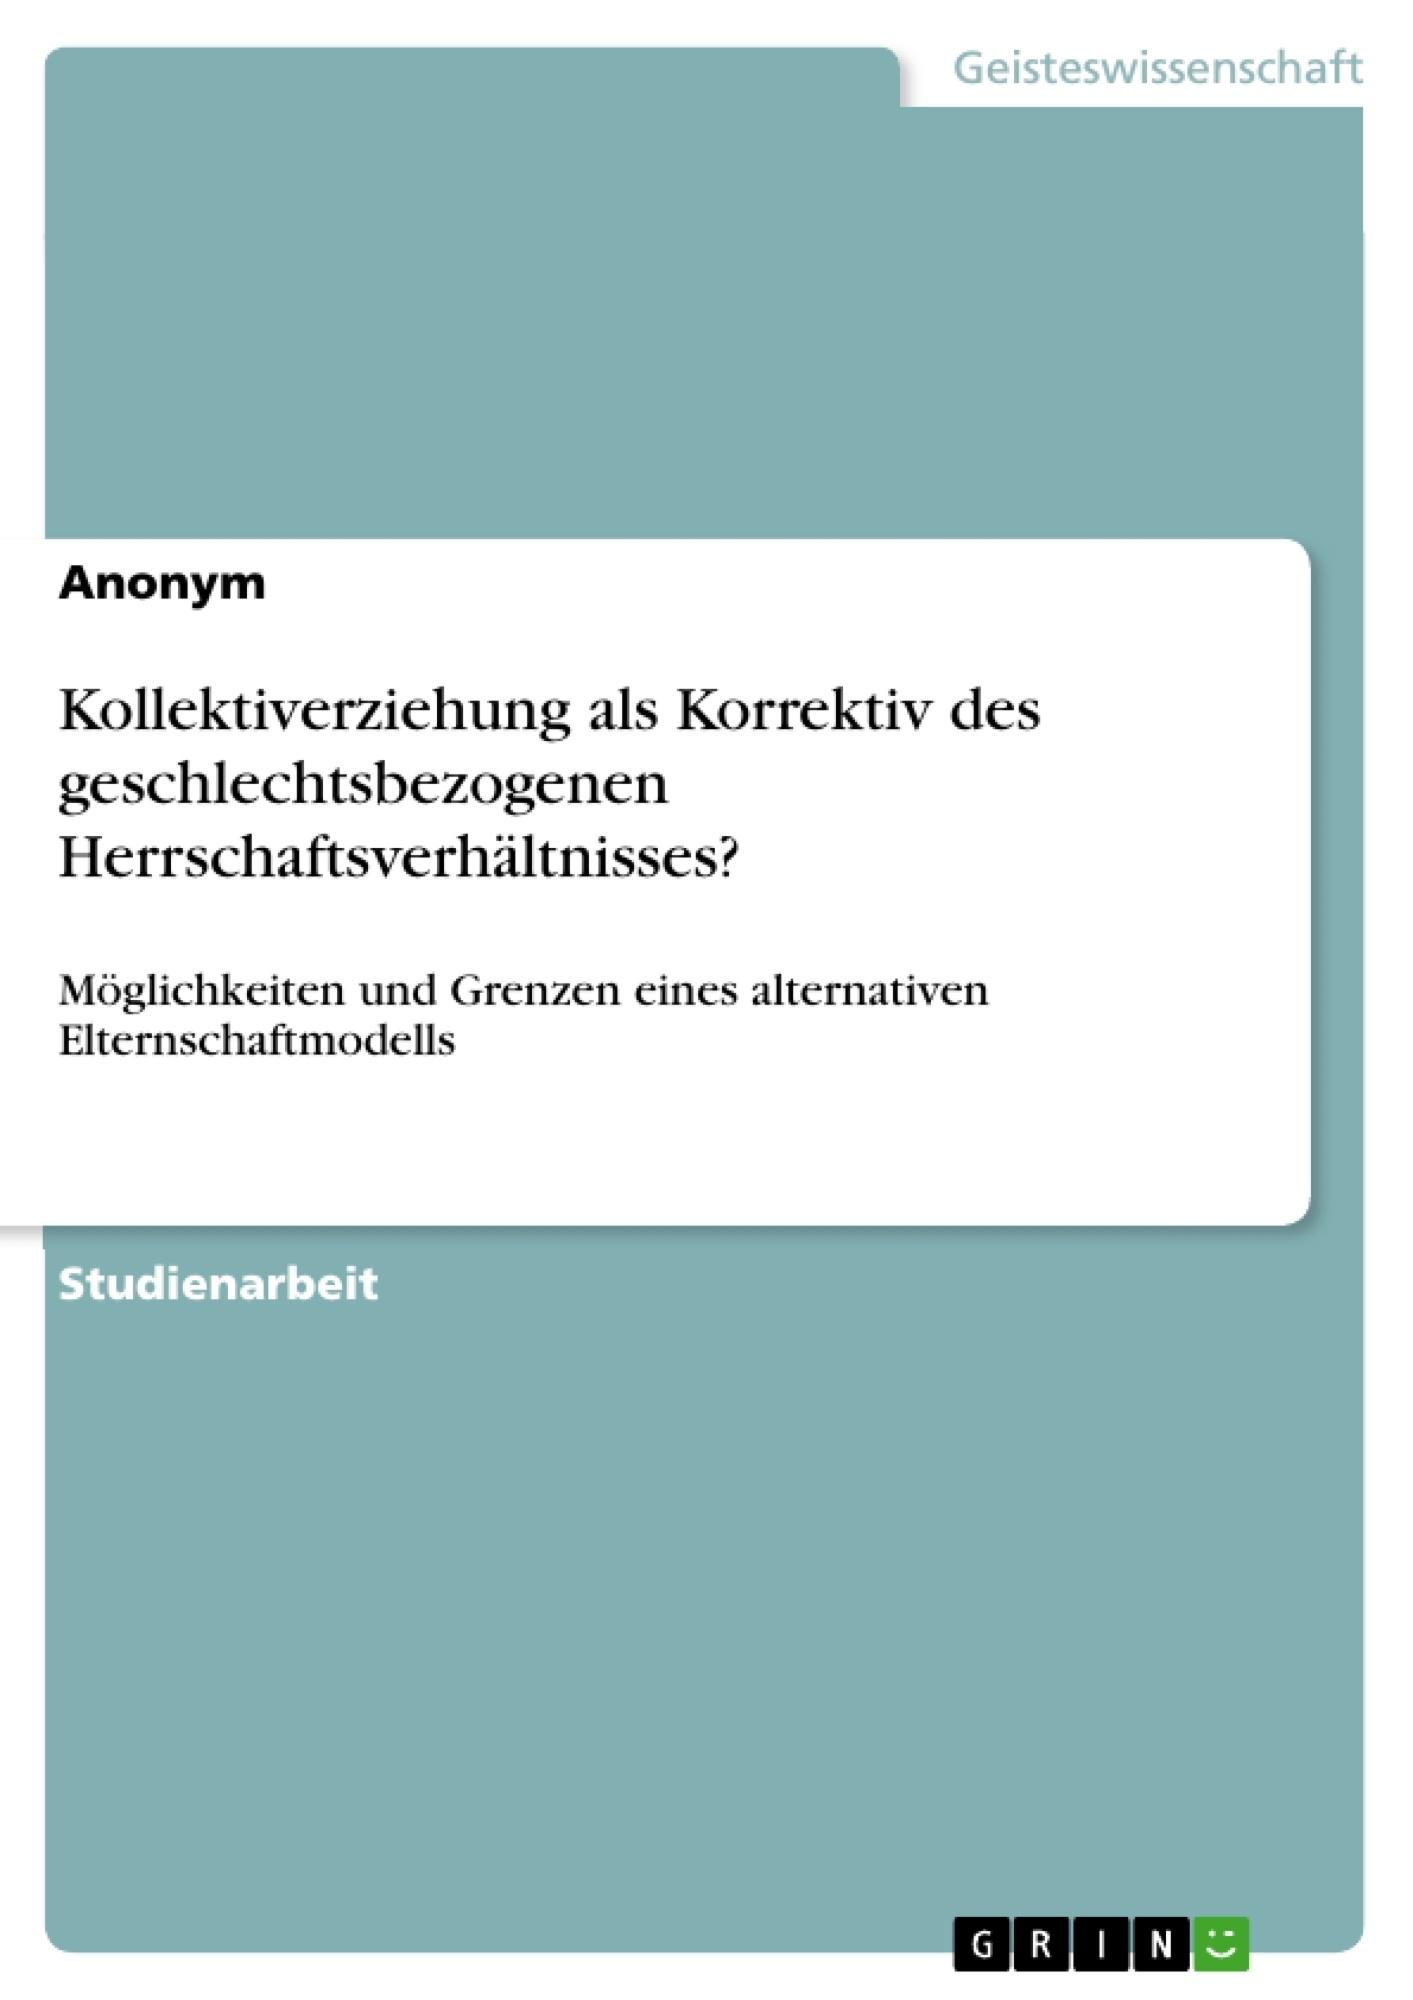 Titel: Kollektiverziehung als Korrektiv des geschlechtsbezogenen Herrschaftsverhältnisses?